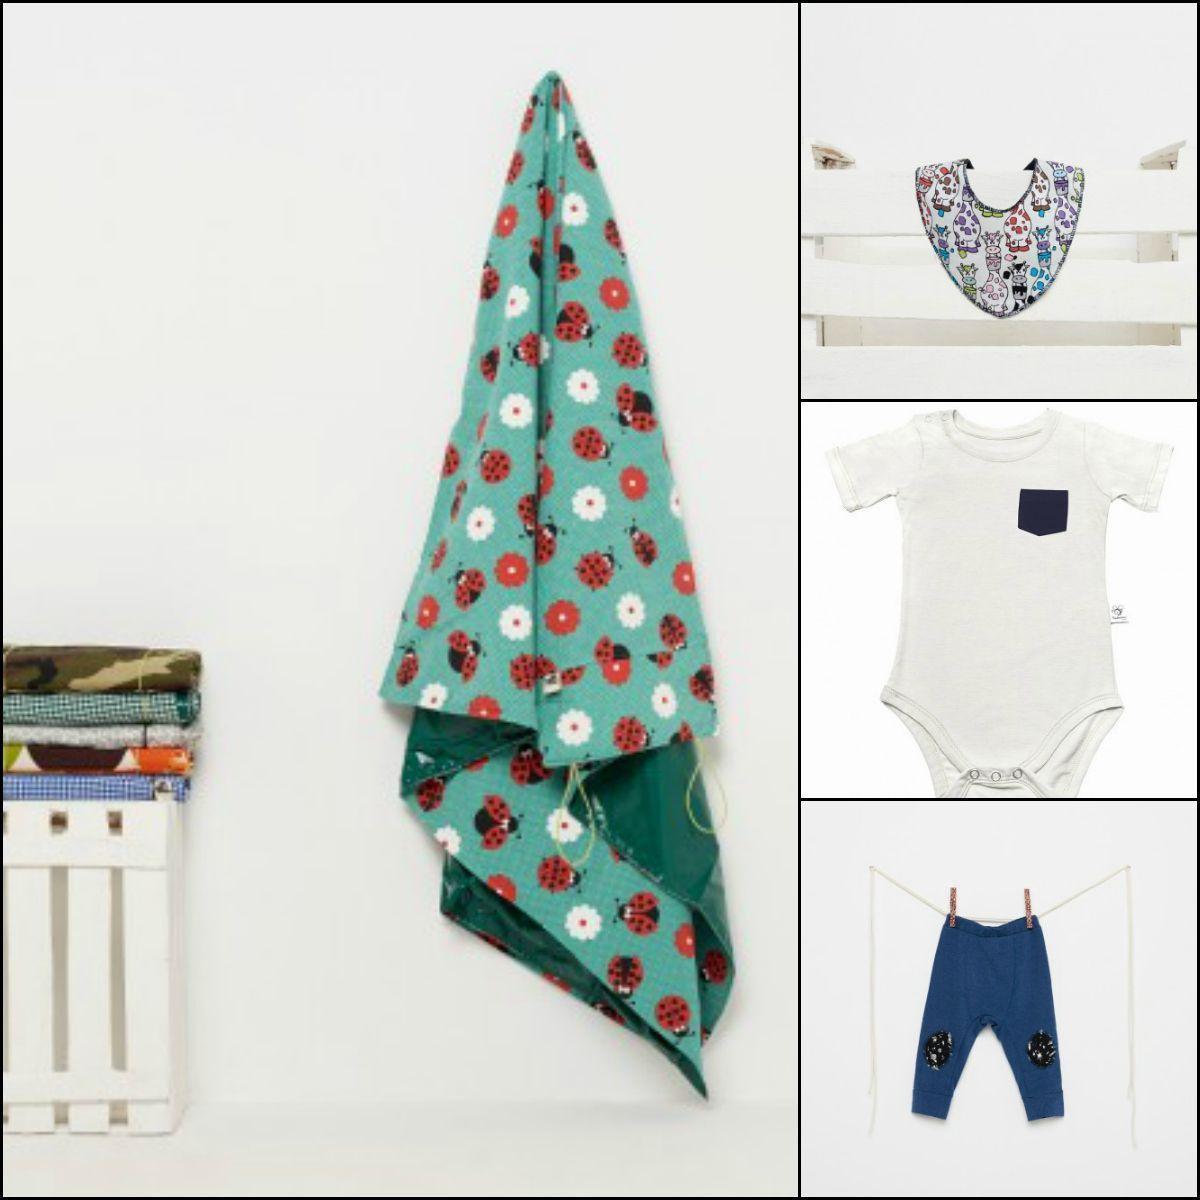 ecommerce multimarca de productos sostenibles - Manta picnic mariquitas, Babero bandana de vacas y pantalón de rodilleras cósmicas de The Mini Monkeys / Body pocket de Beedreamer